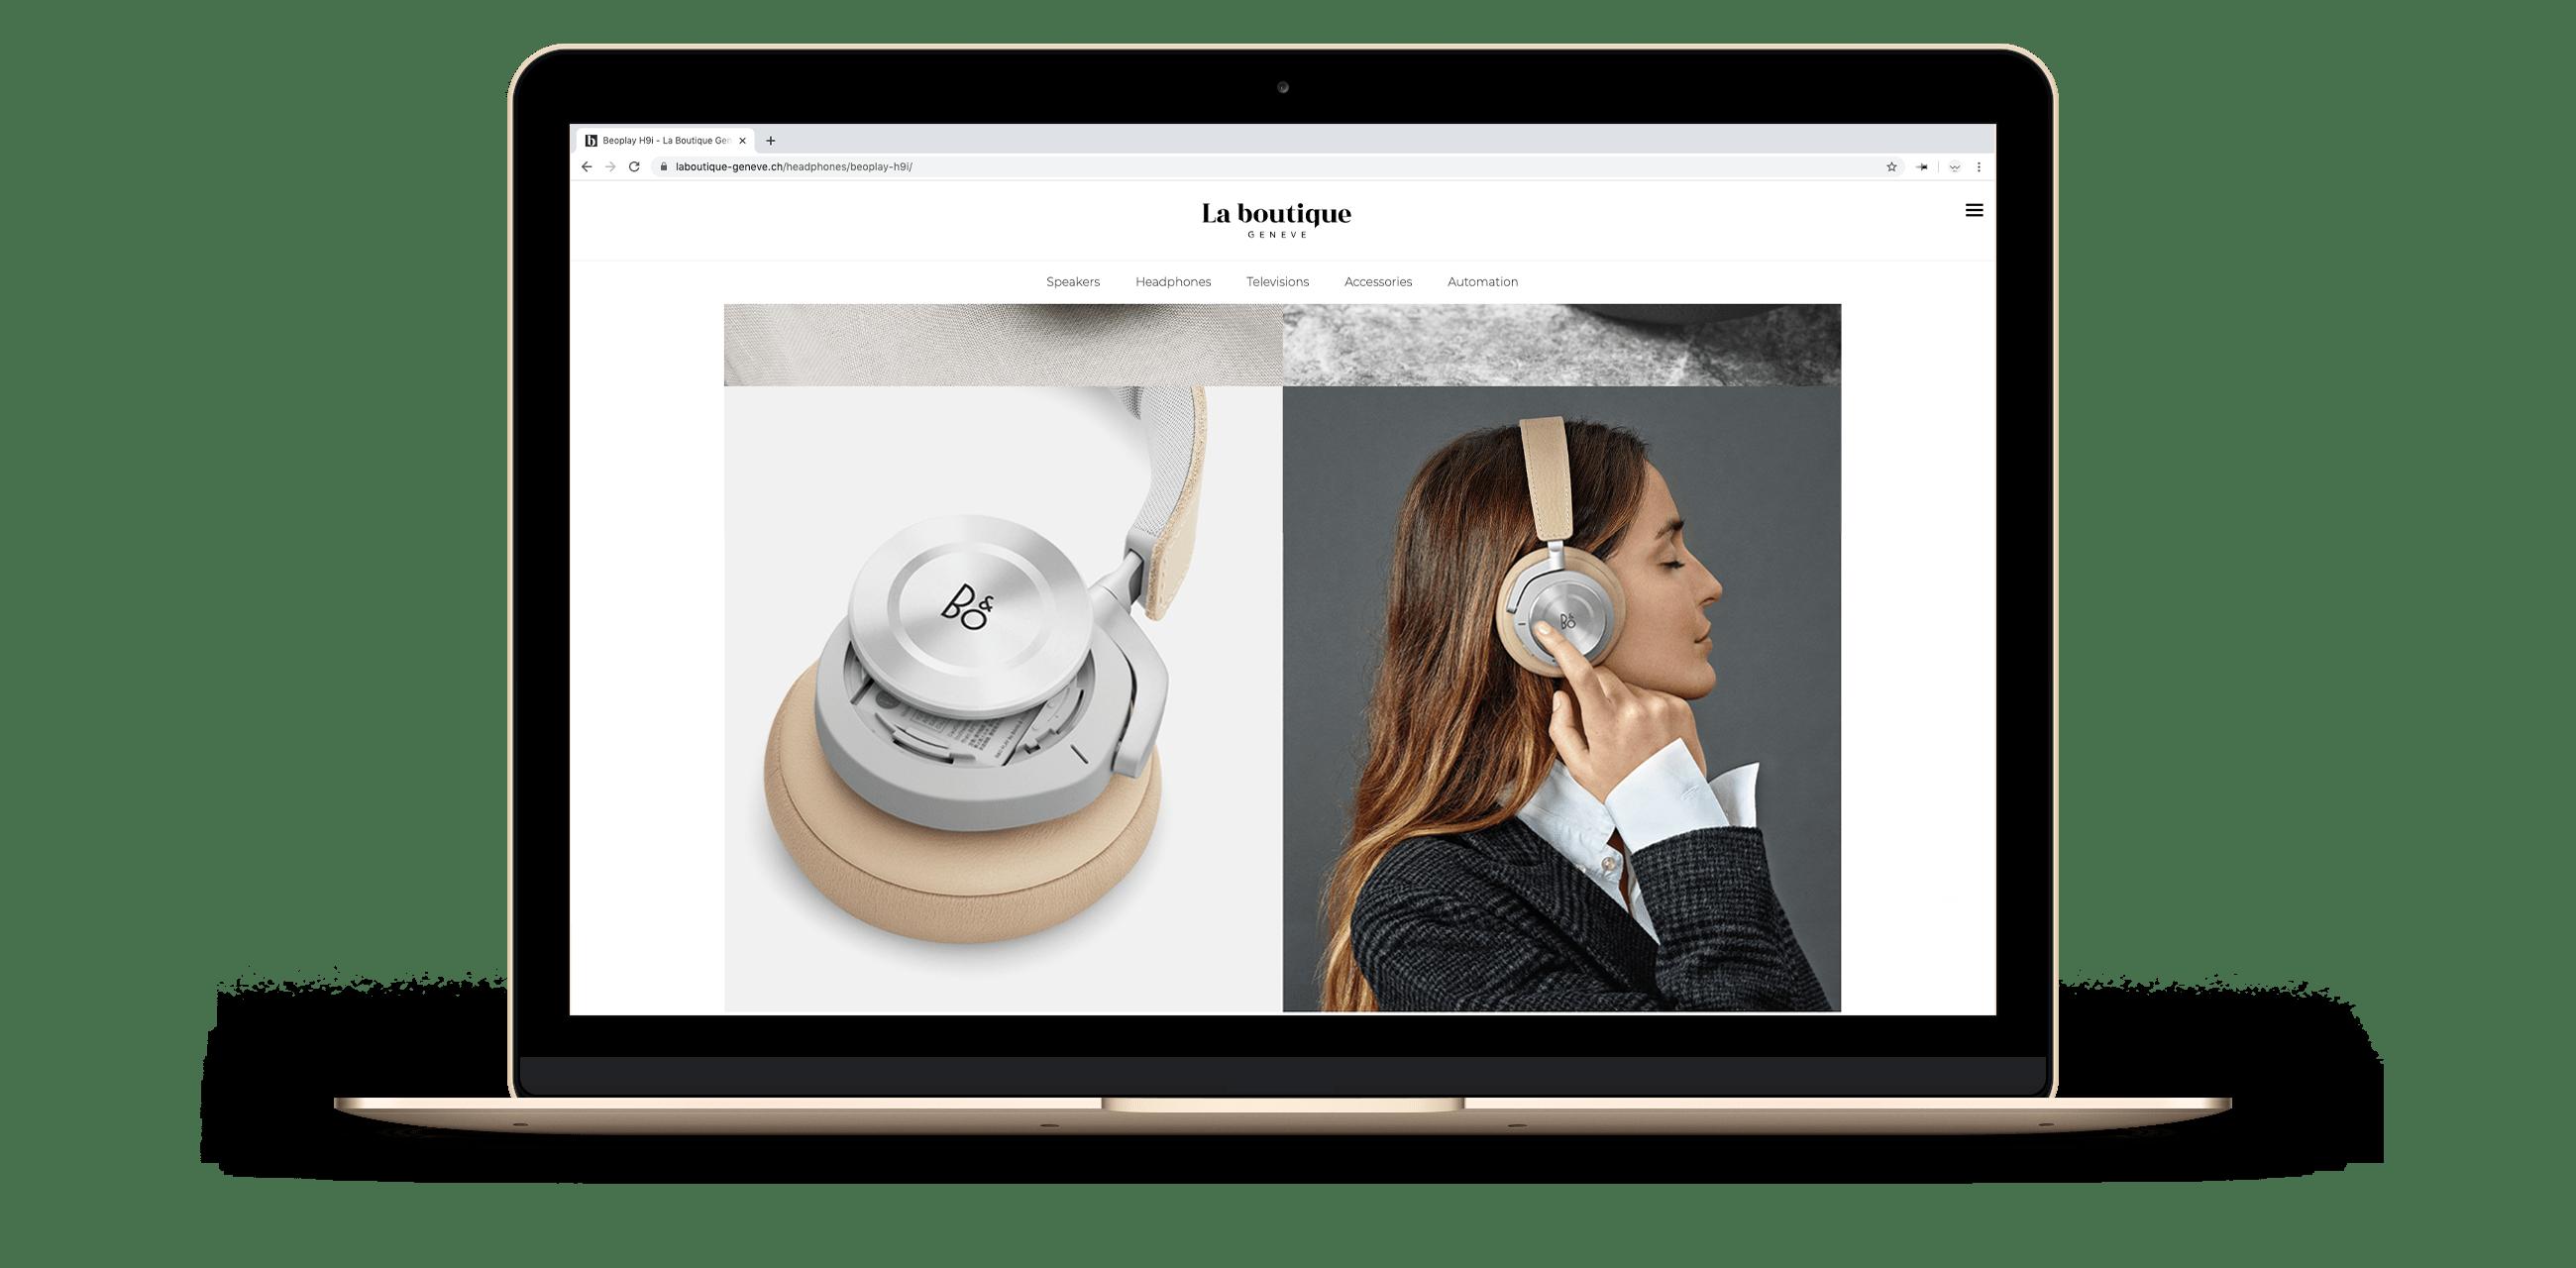 Site web sur la page d'un casque de La Boutique